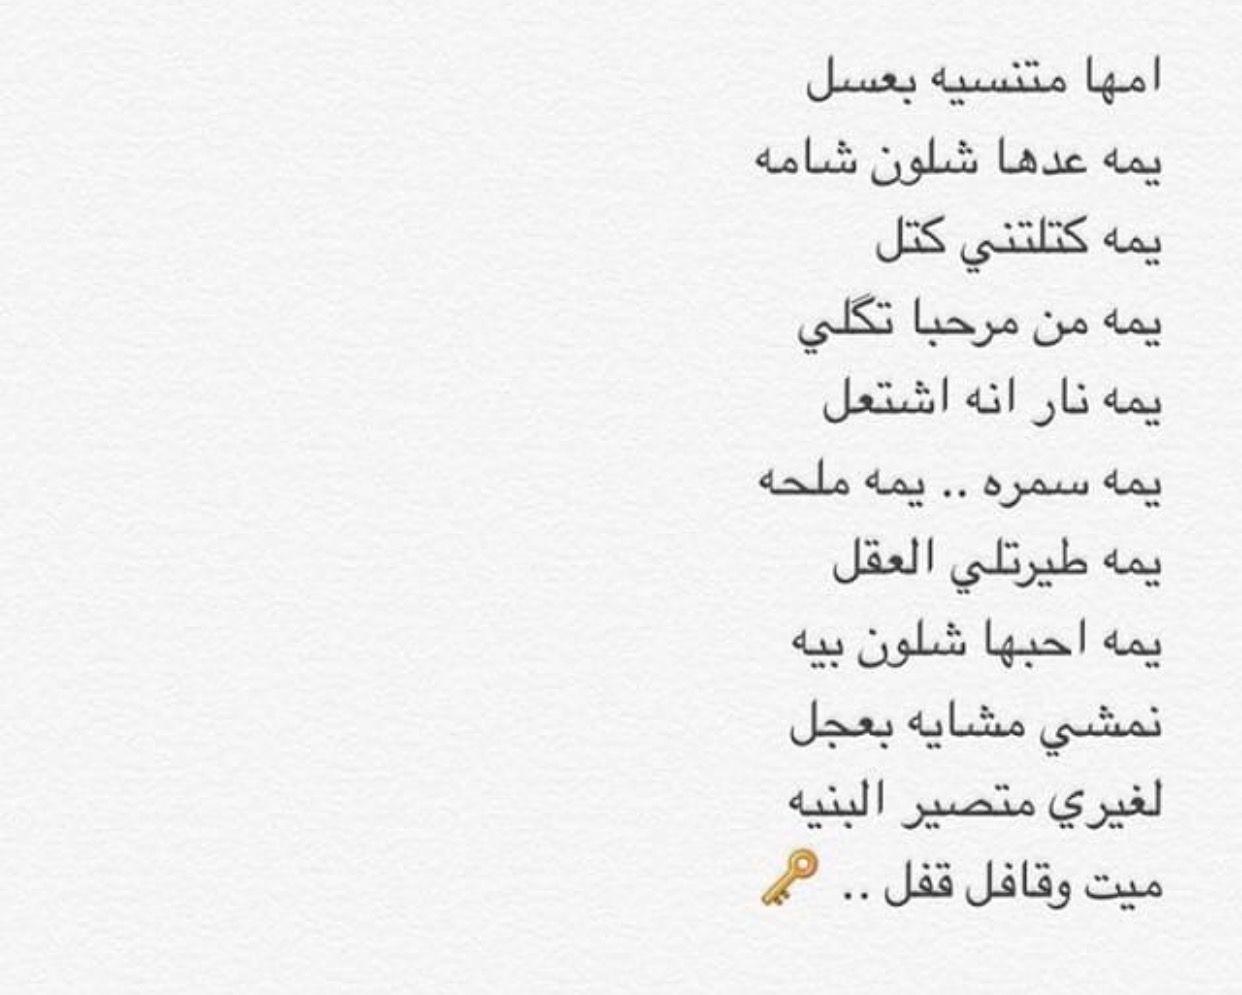 بالصور شعر عتاب عراقي , ابيات شعر عراقية قصيرة عن العتاب 5744